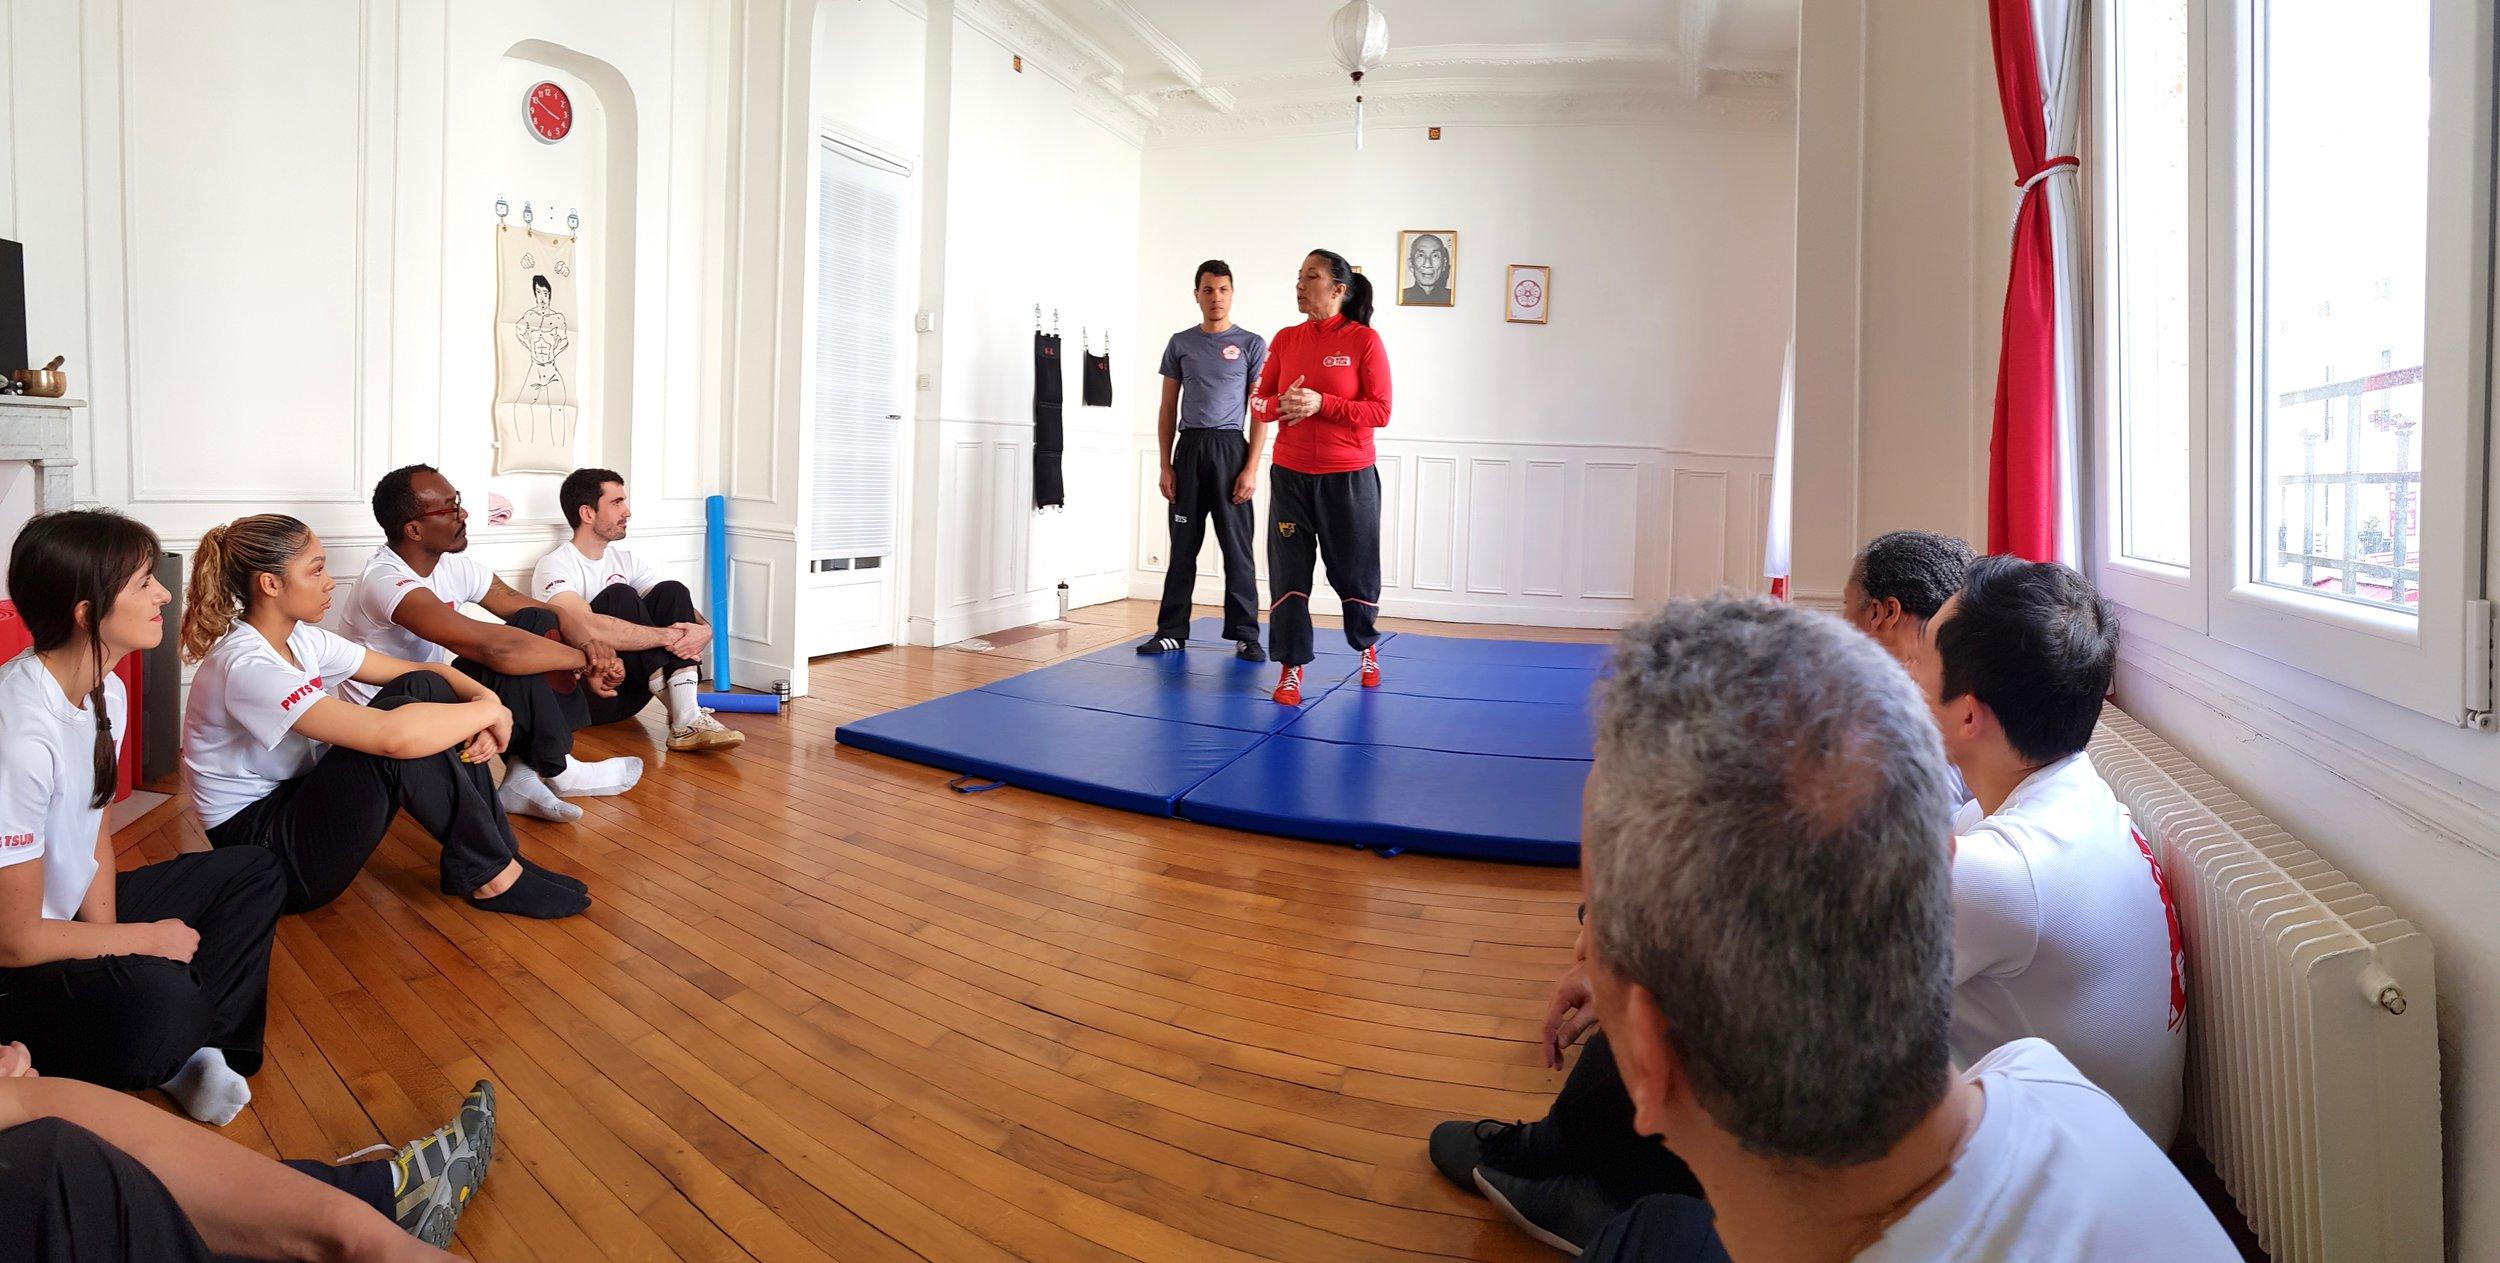 kung-fu-technique-paris-bruce-lee.jpg